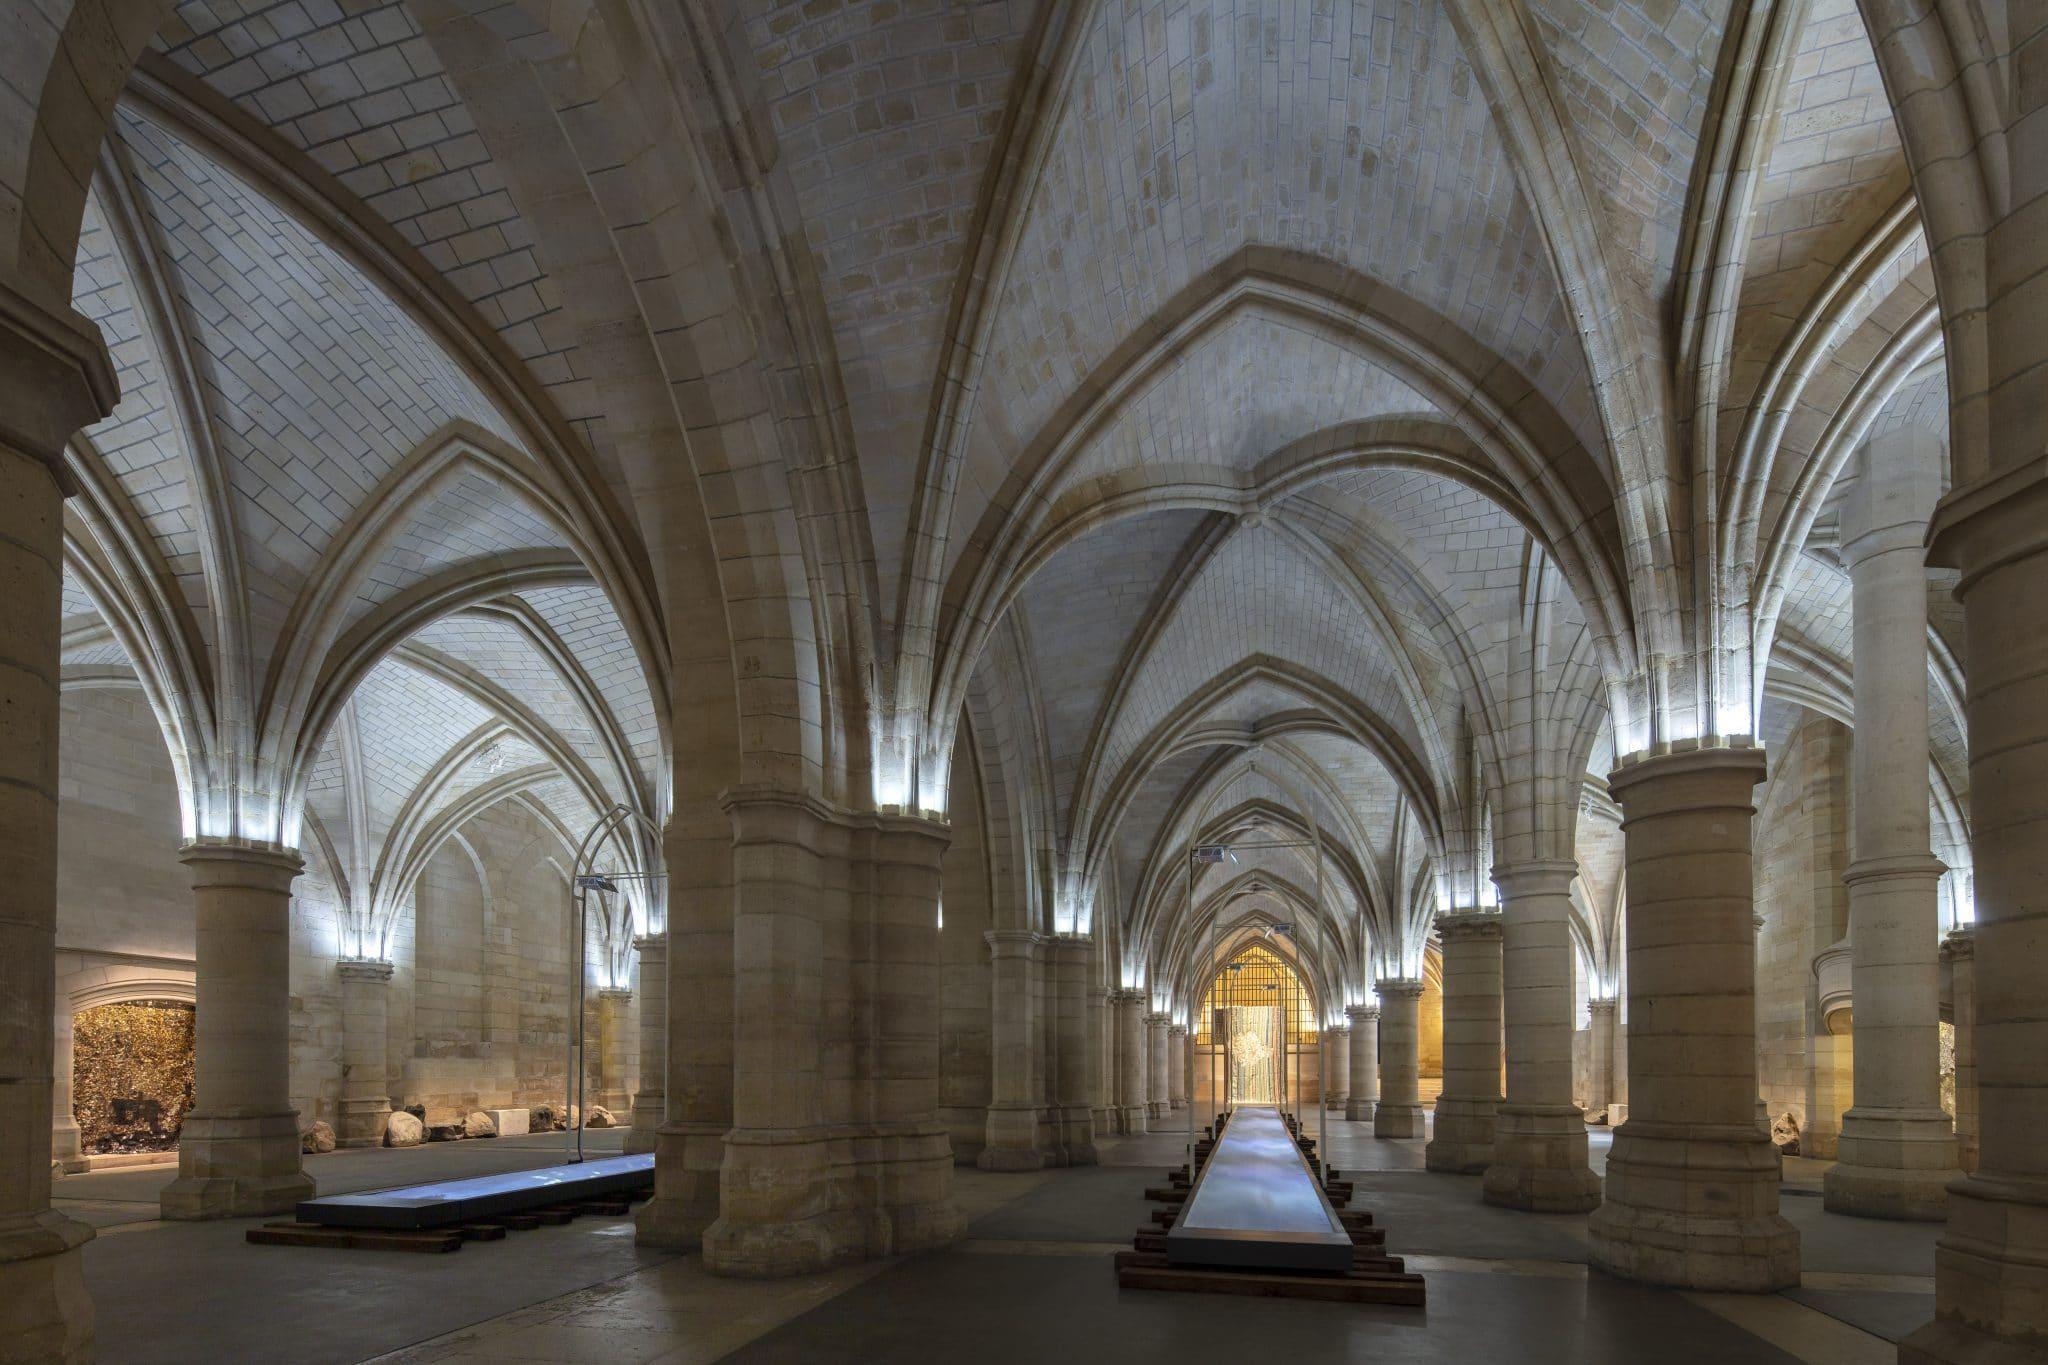 Exposition El Anatsui à la conciergerie, Paris